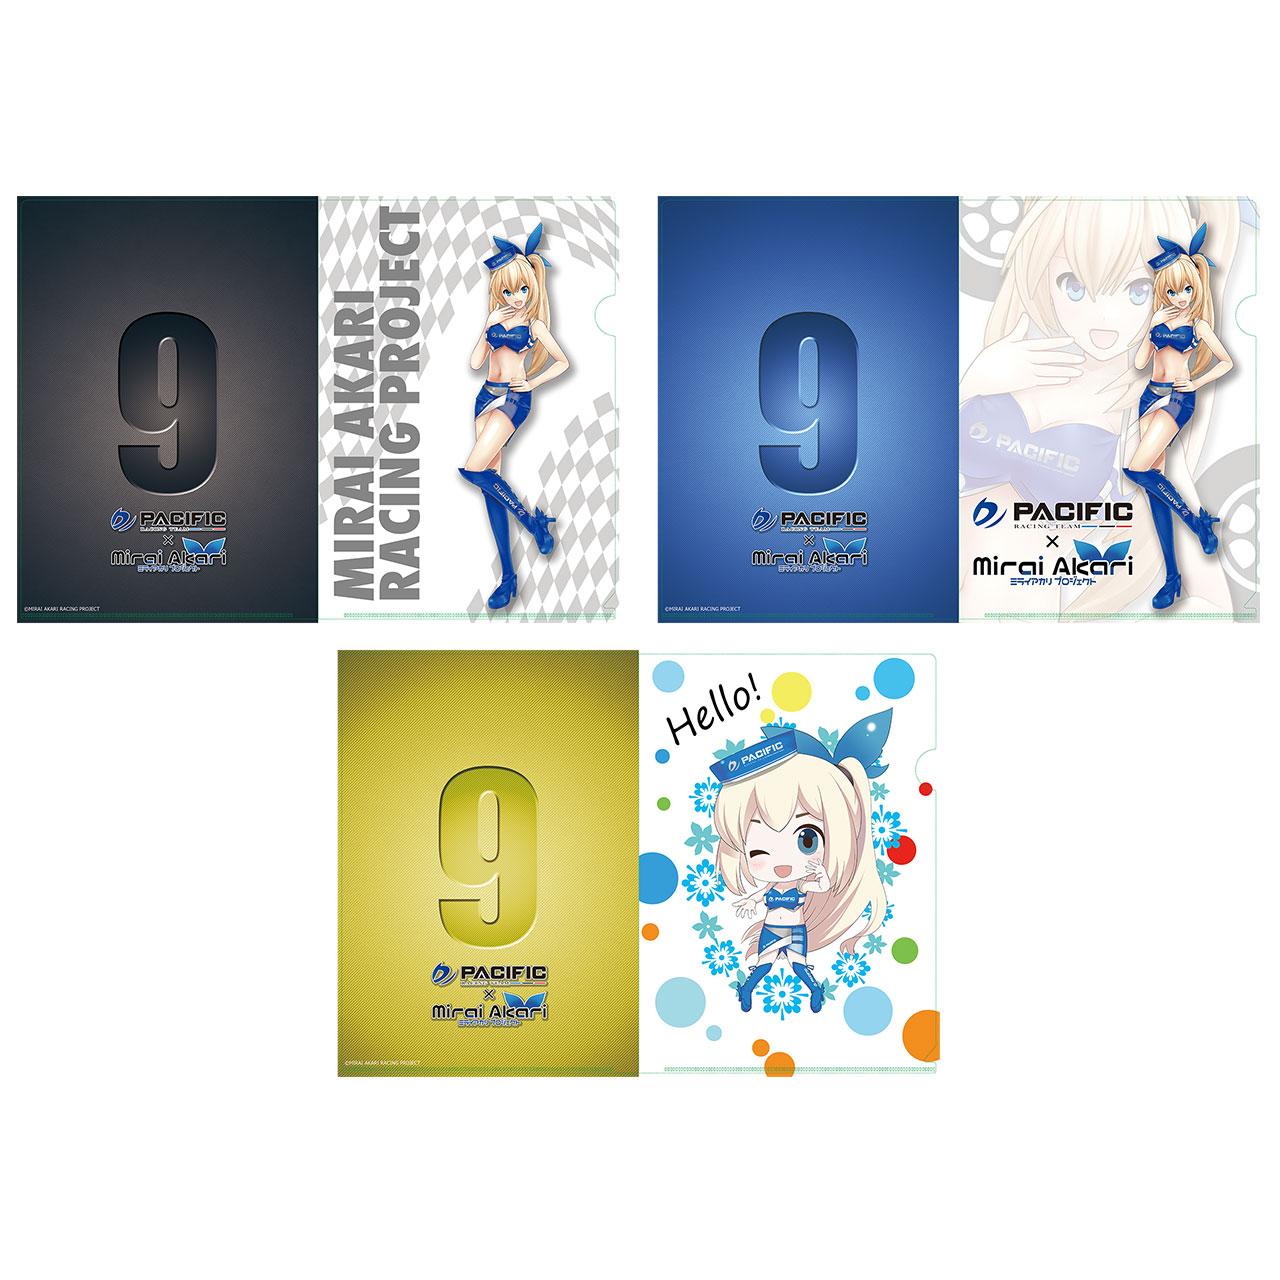 【数量限定】パシフィックレーシングチーム×ミライアカリ/クリアファイル レースクイーンVer.